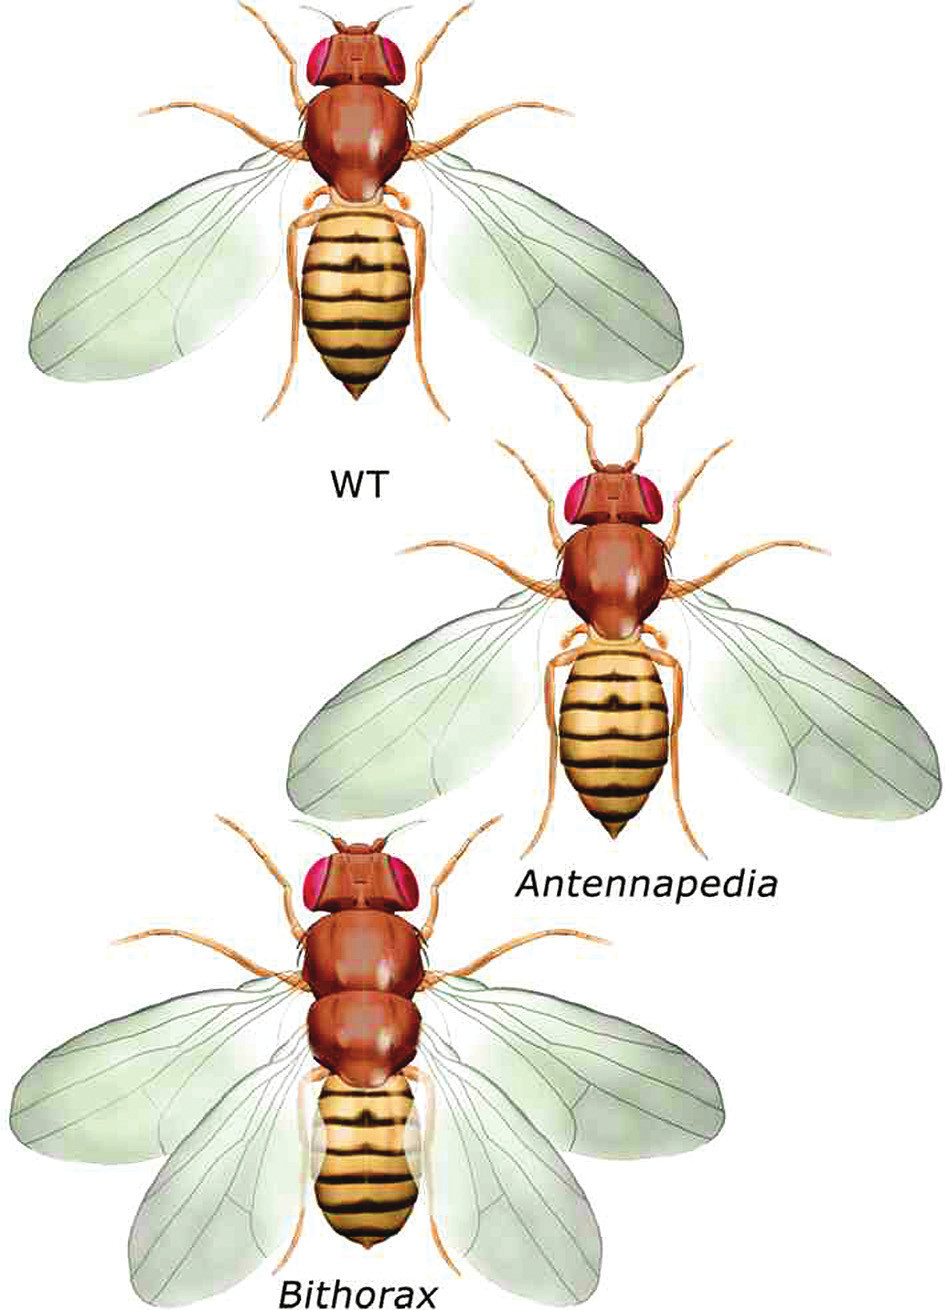 Antennapedia a bithorax mutace u Drosophily melanogaster Exprese genu Antennapedia posunutá kraniálněji, než je obvyklé, potlačí na hlavě vznik tykadla, místo tykadla se vytvoří nadpočetná končetina. Vyřazení genu Ultrabithorax z funkce vede k transformaci třetího hrudního segmentu, který nemá křídla, ve druhý hrudní segment s křídly.